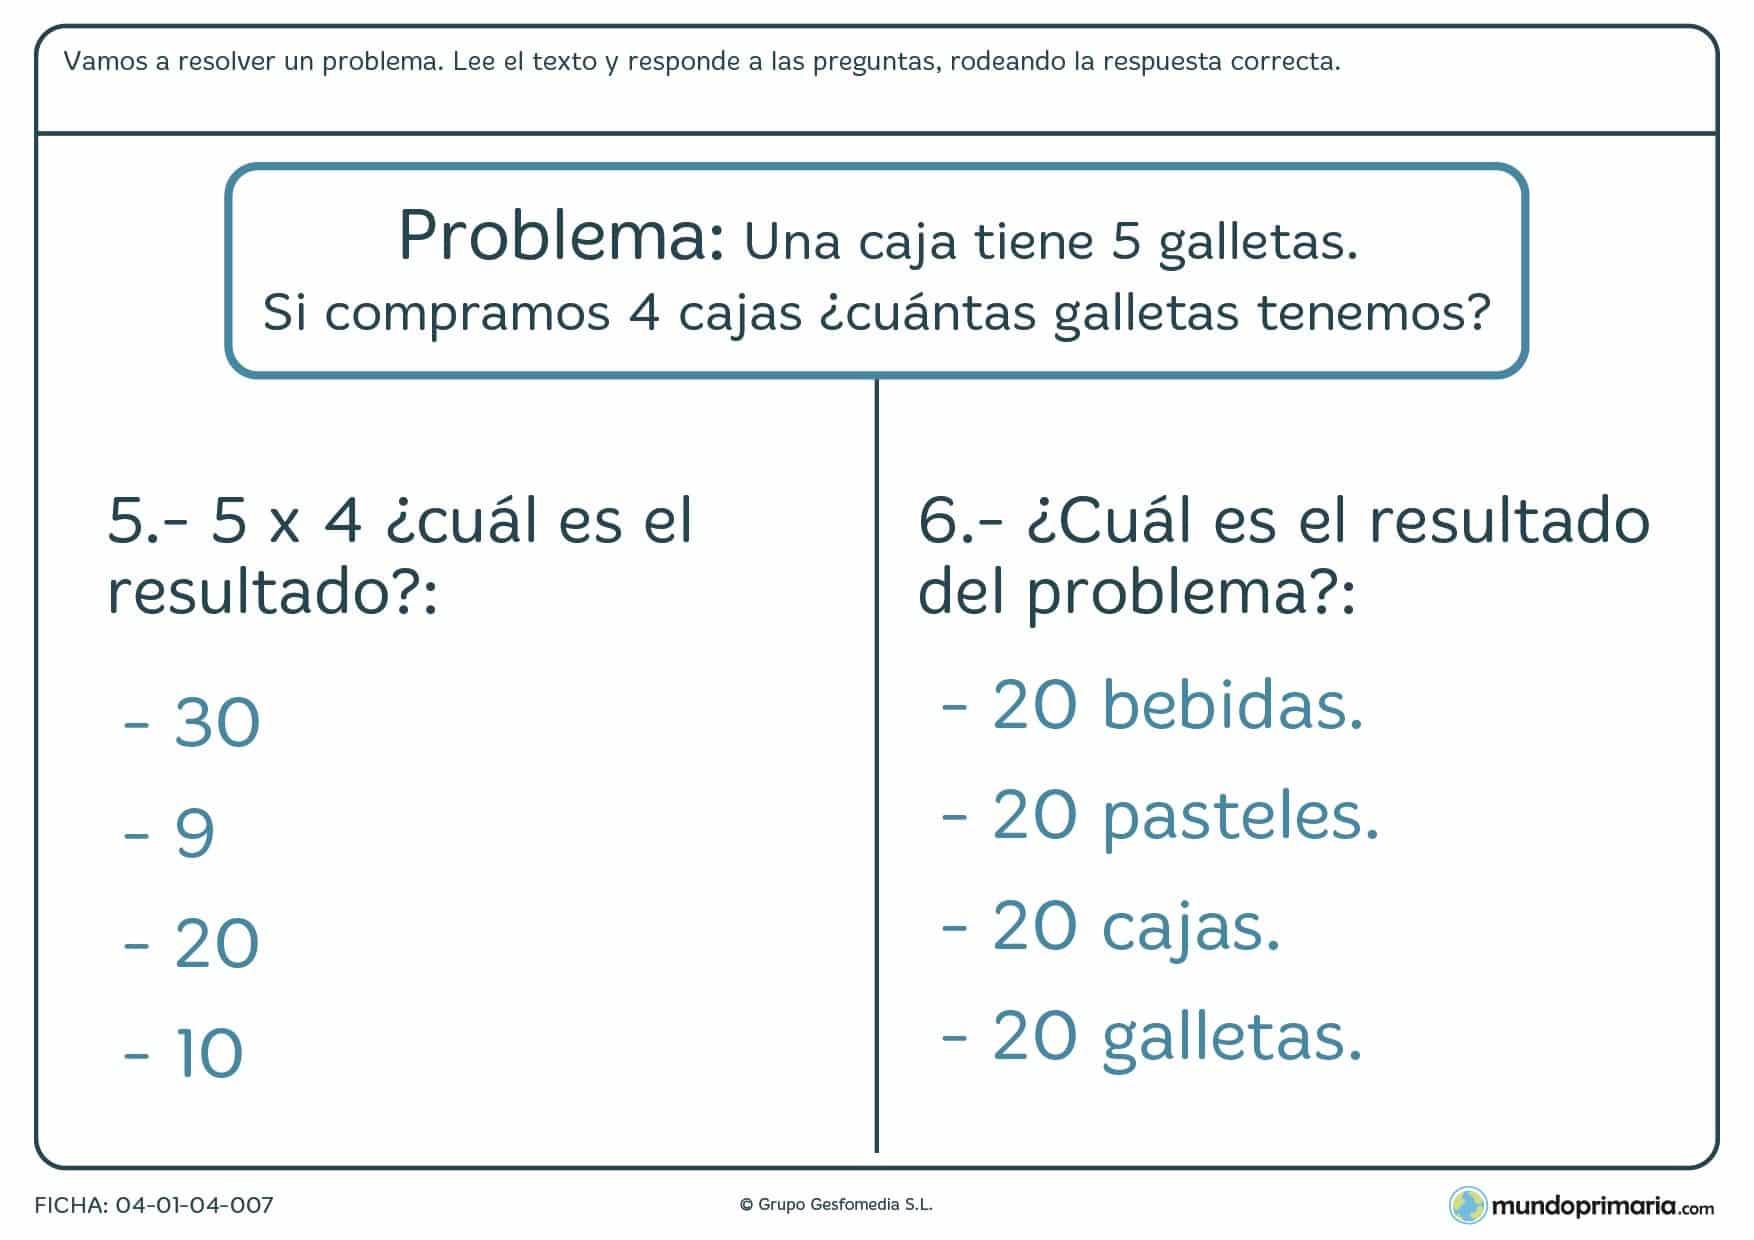 Ficha de resolver las preguntas del problema en el que hay que leer un texto y responder a las preguntas sobre éste.